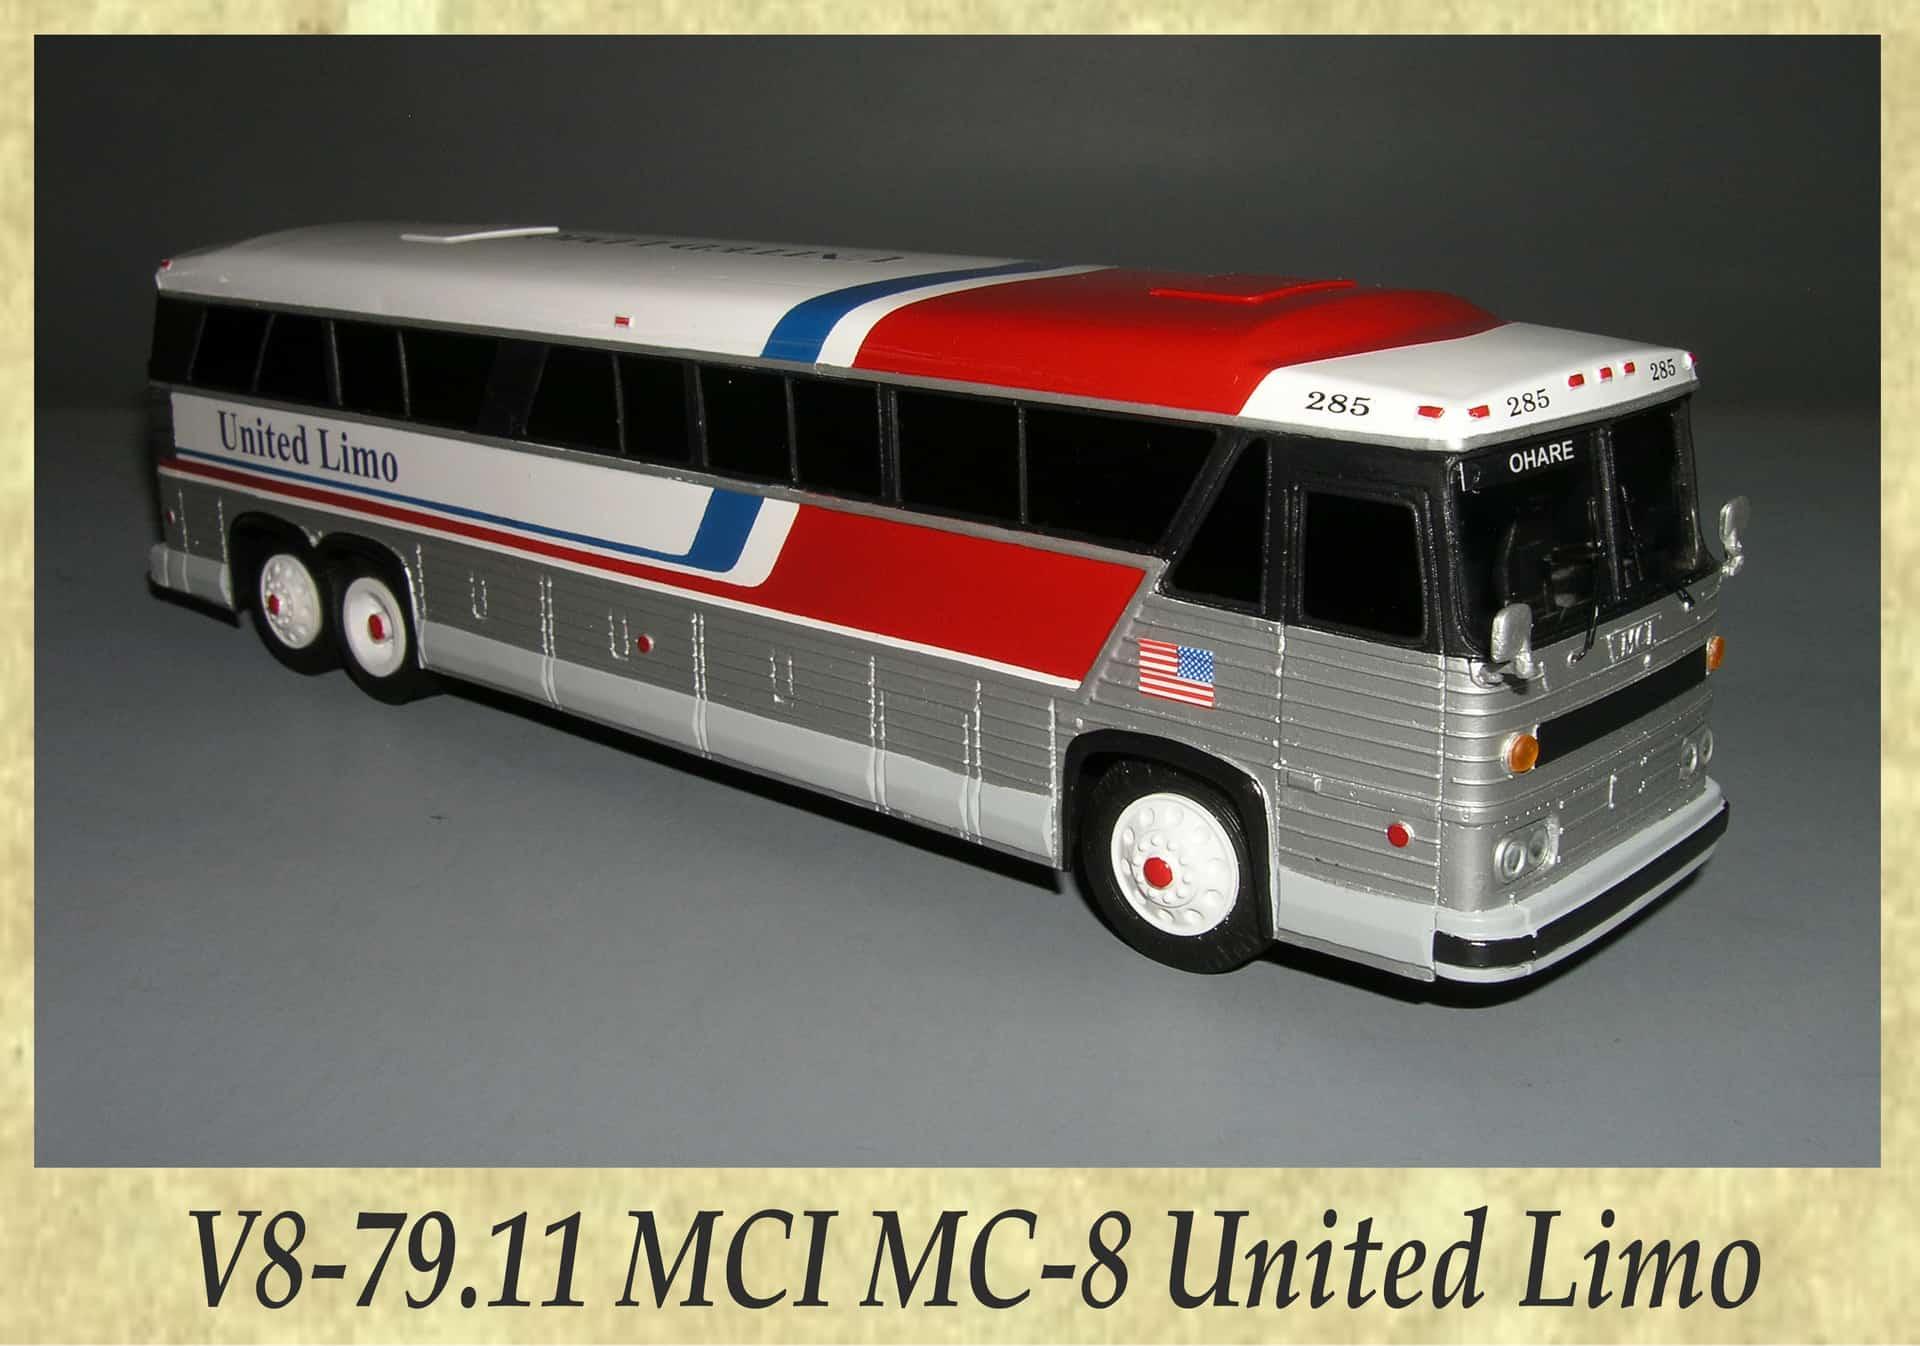 V8-79.11 MCI MC-8 United Limo